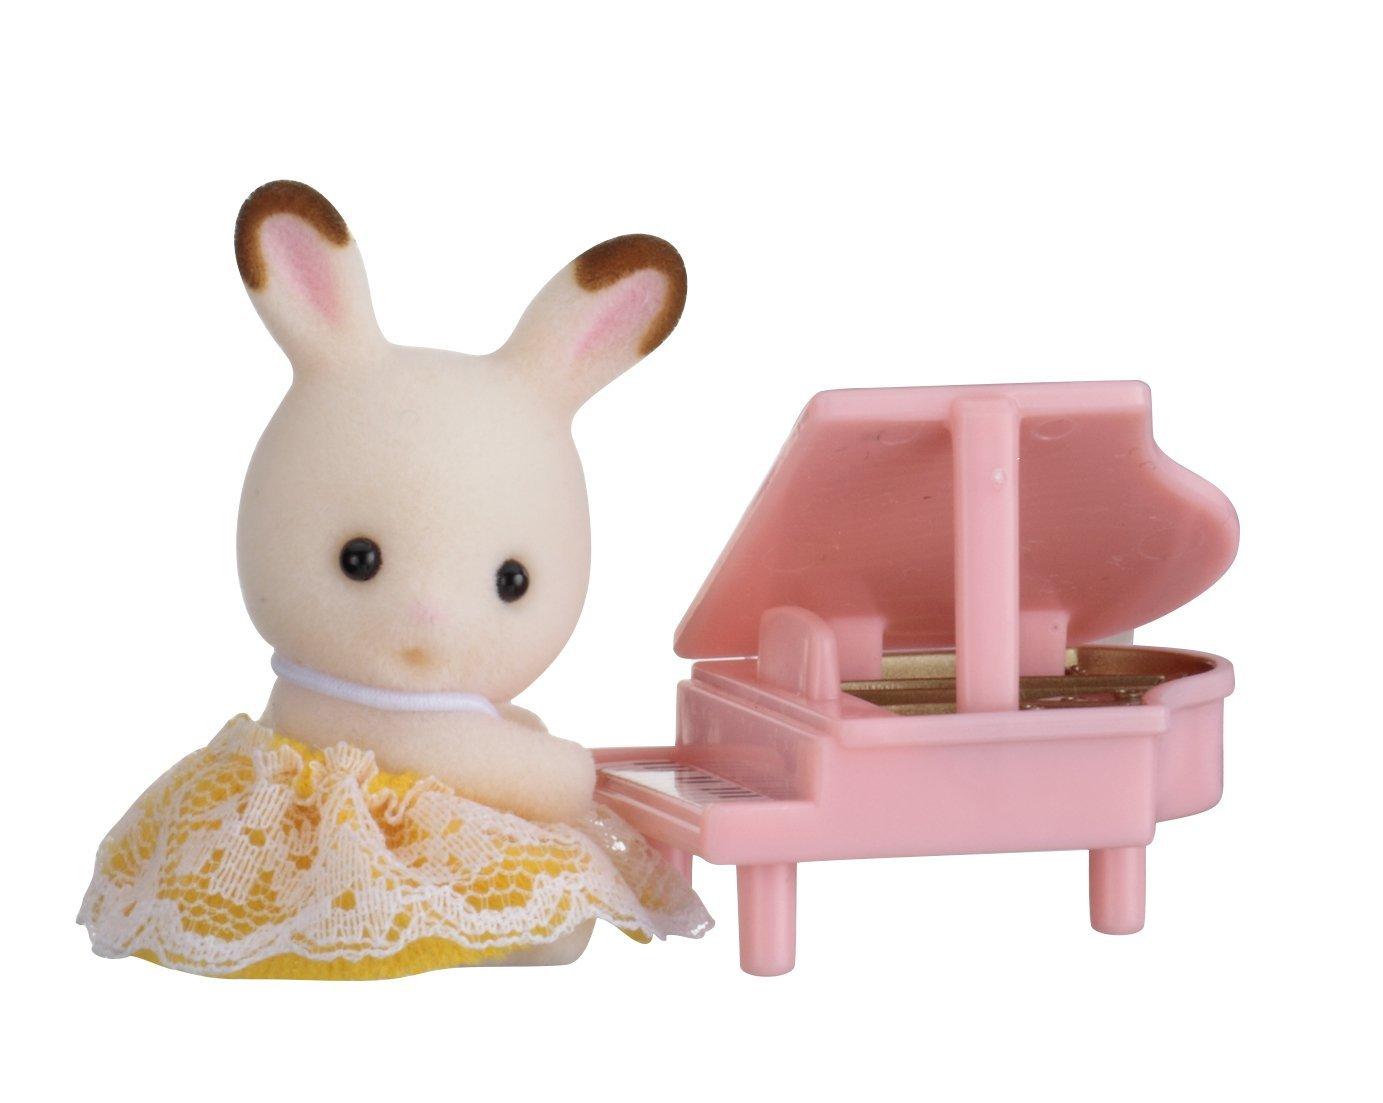 Набор Младенец в пластиковом сундучке  - Кролик и рояльСемьи и малыши<br>Набор Младенец в пластиковом сундучке  - Кролик и рояль<br>